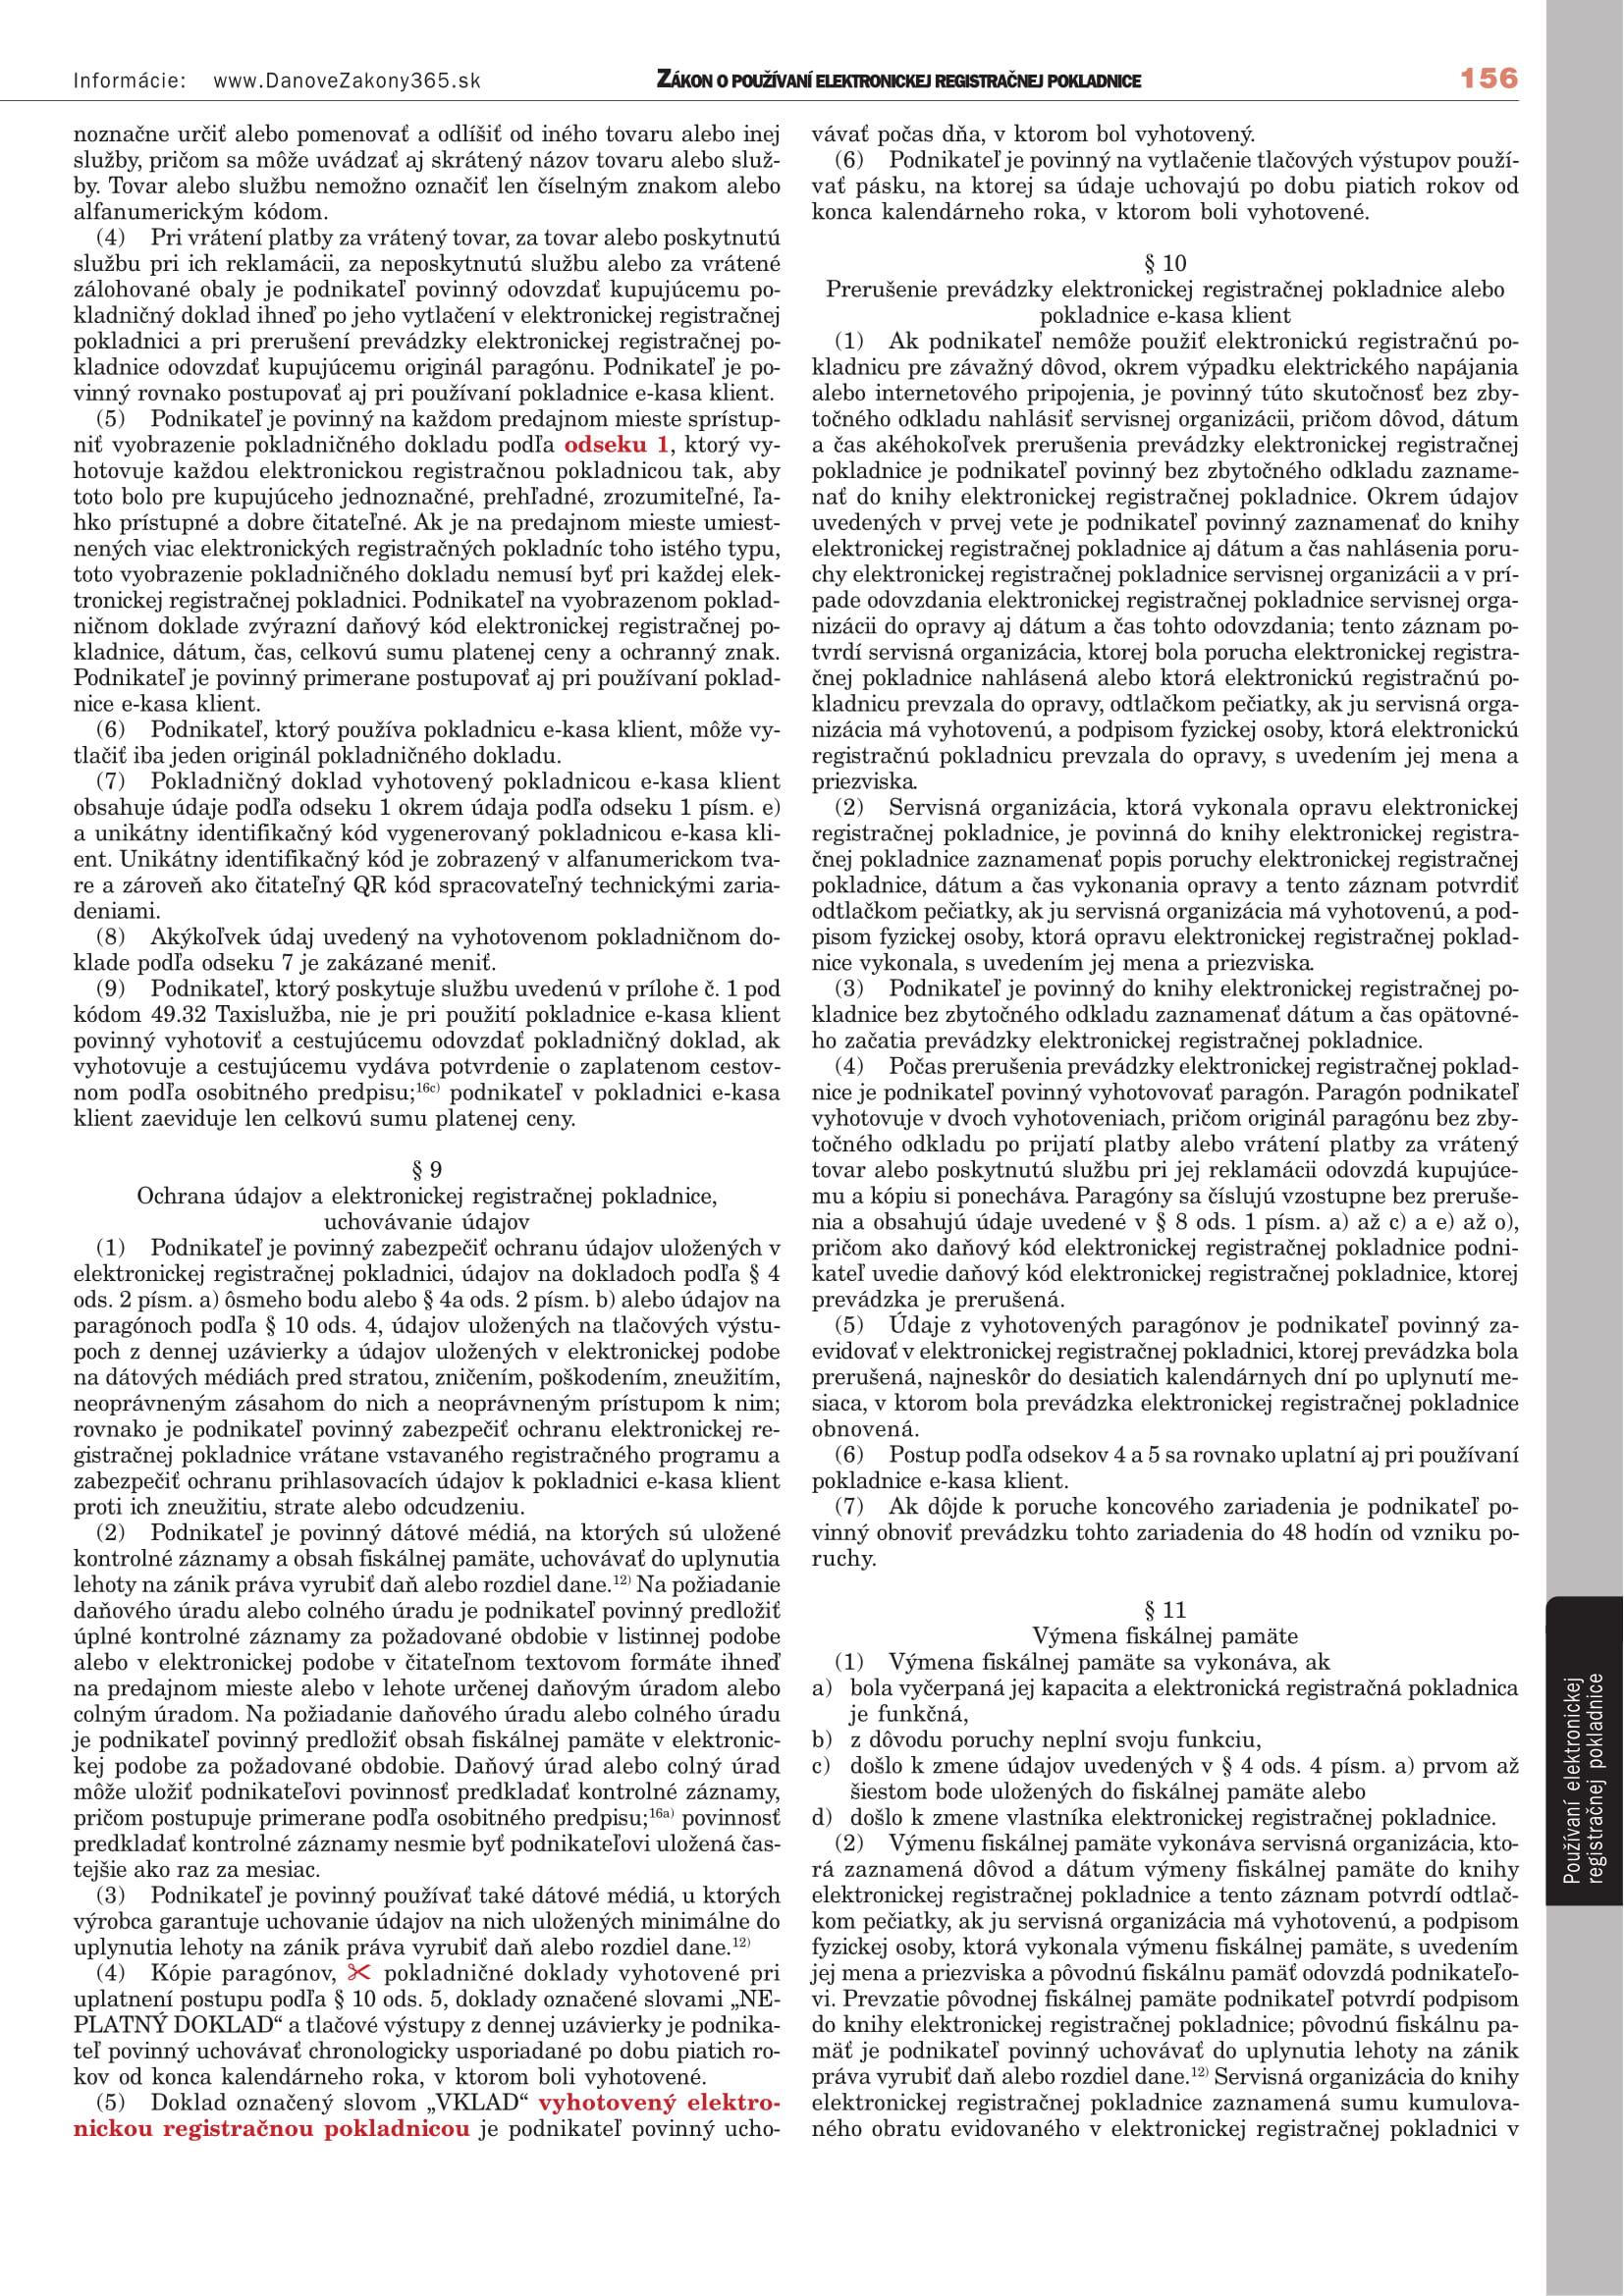 alto_zakon_o_registracnych_pokladniach_2019_po_jednej_stranane-11